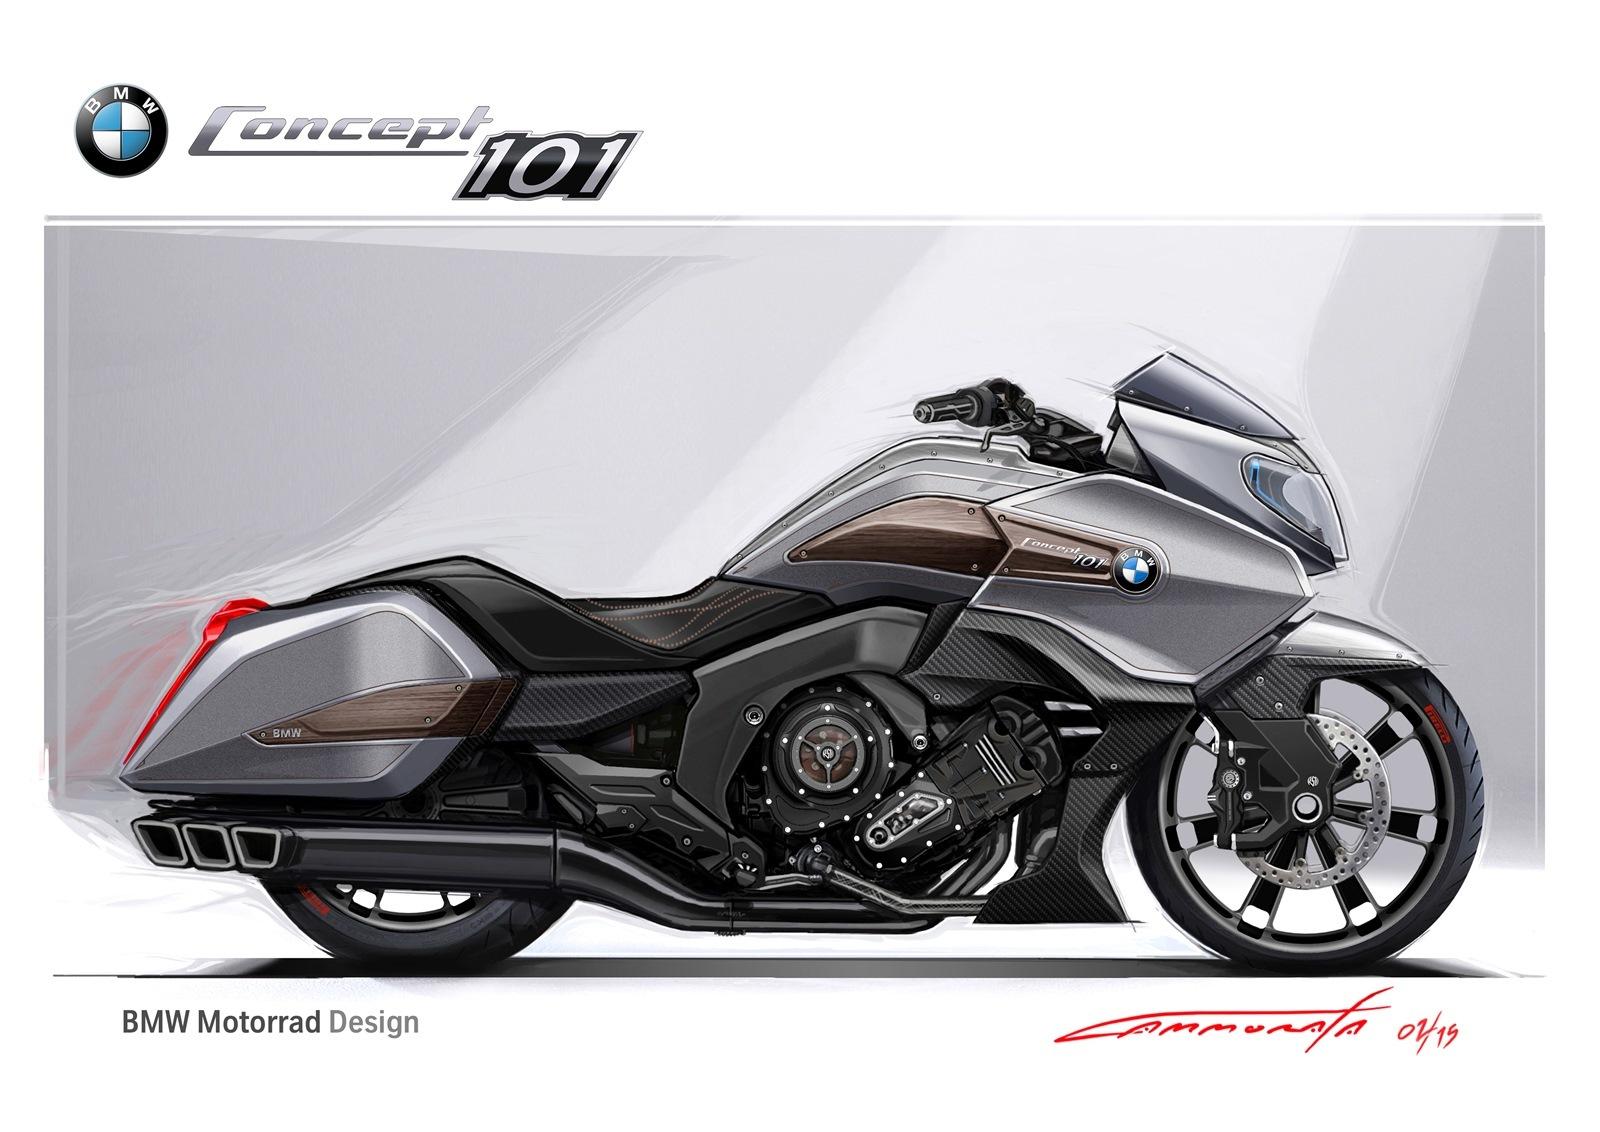 Foto de BMW Concept 101 Bagger (30/33)